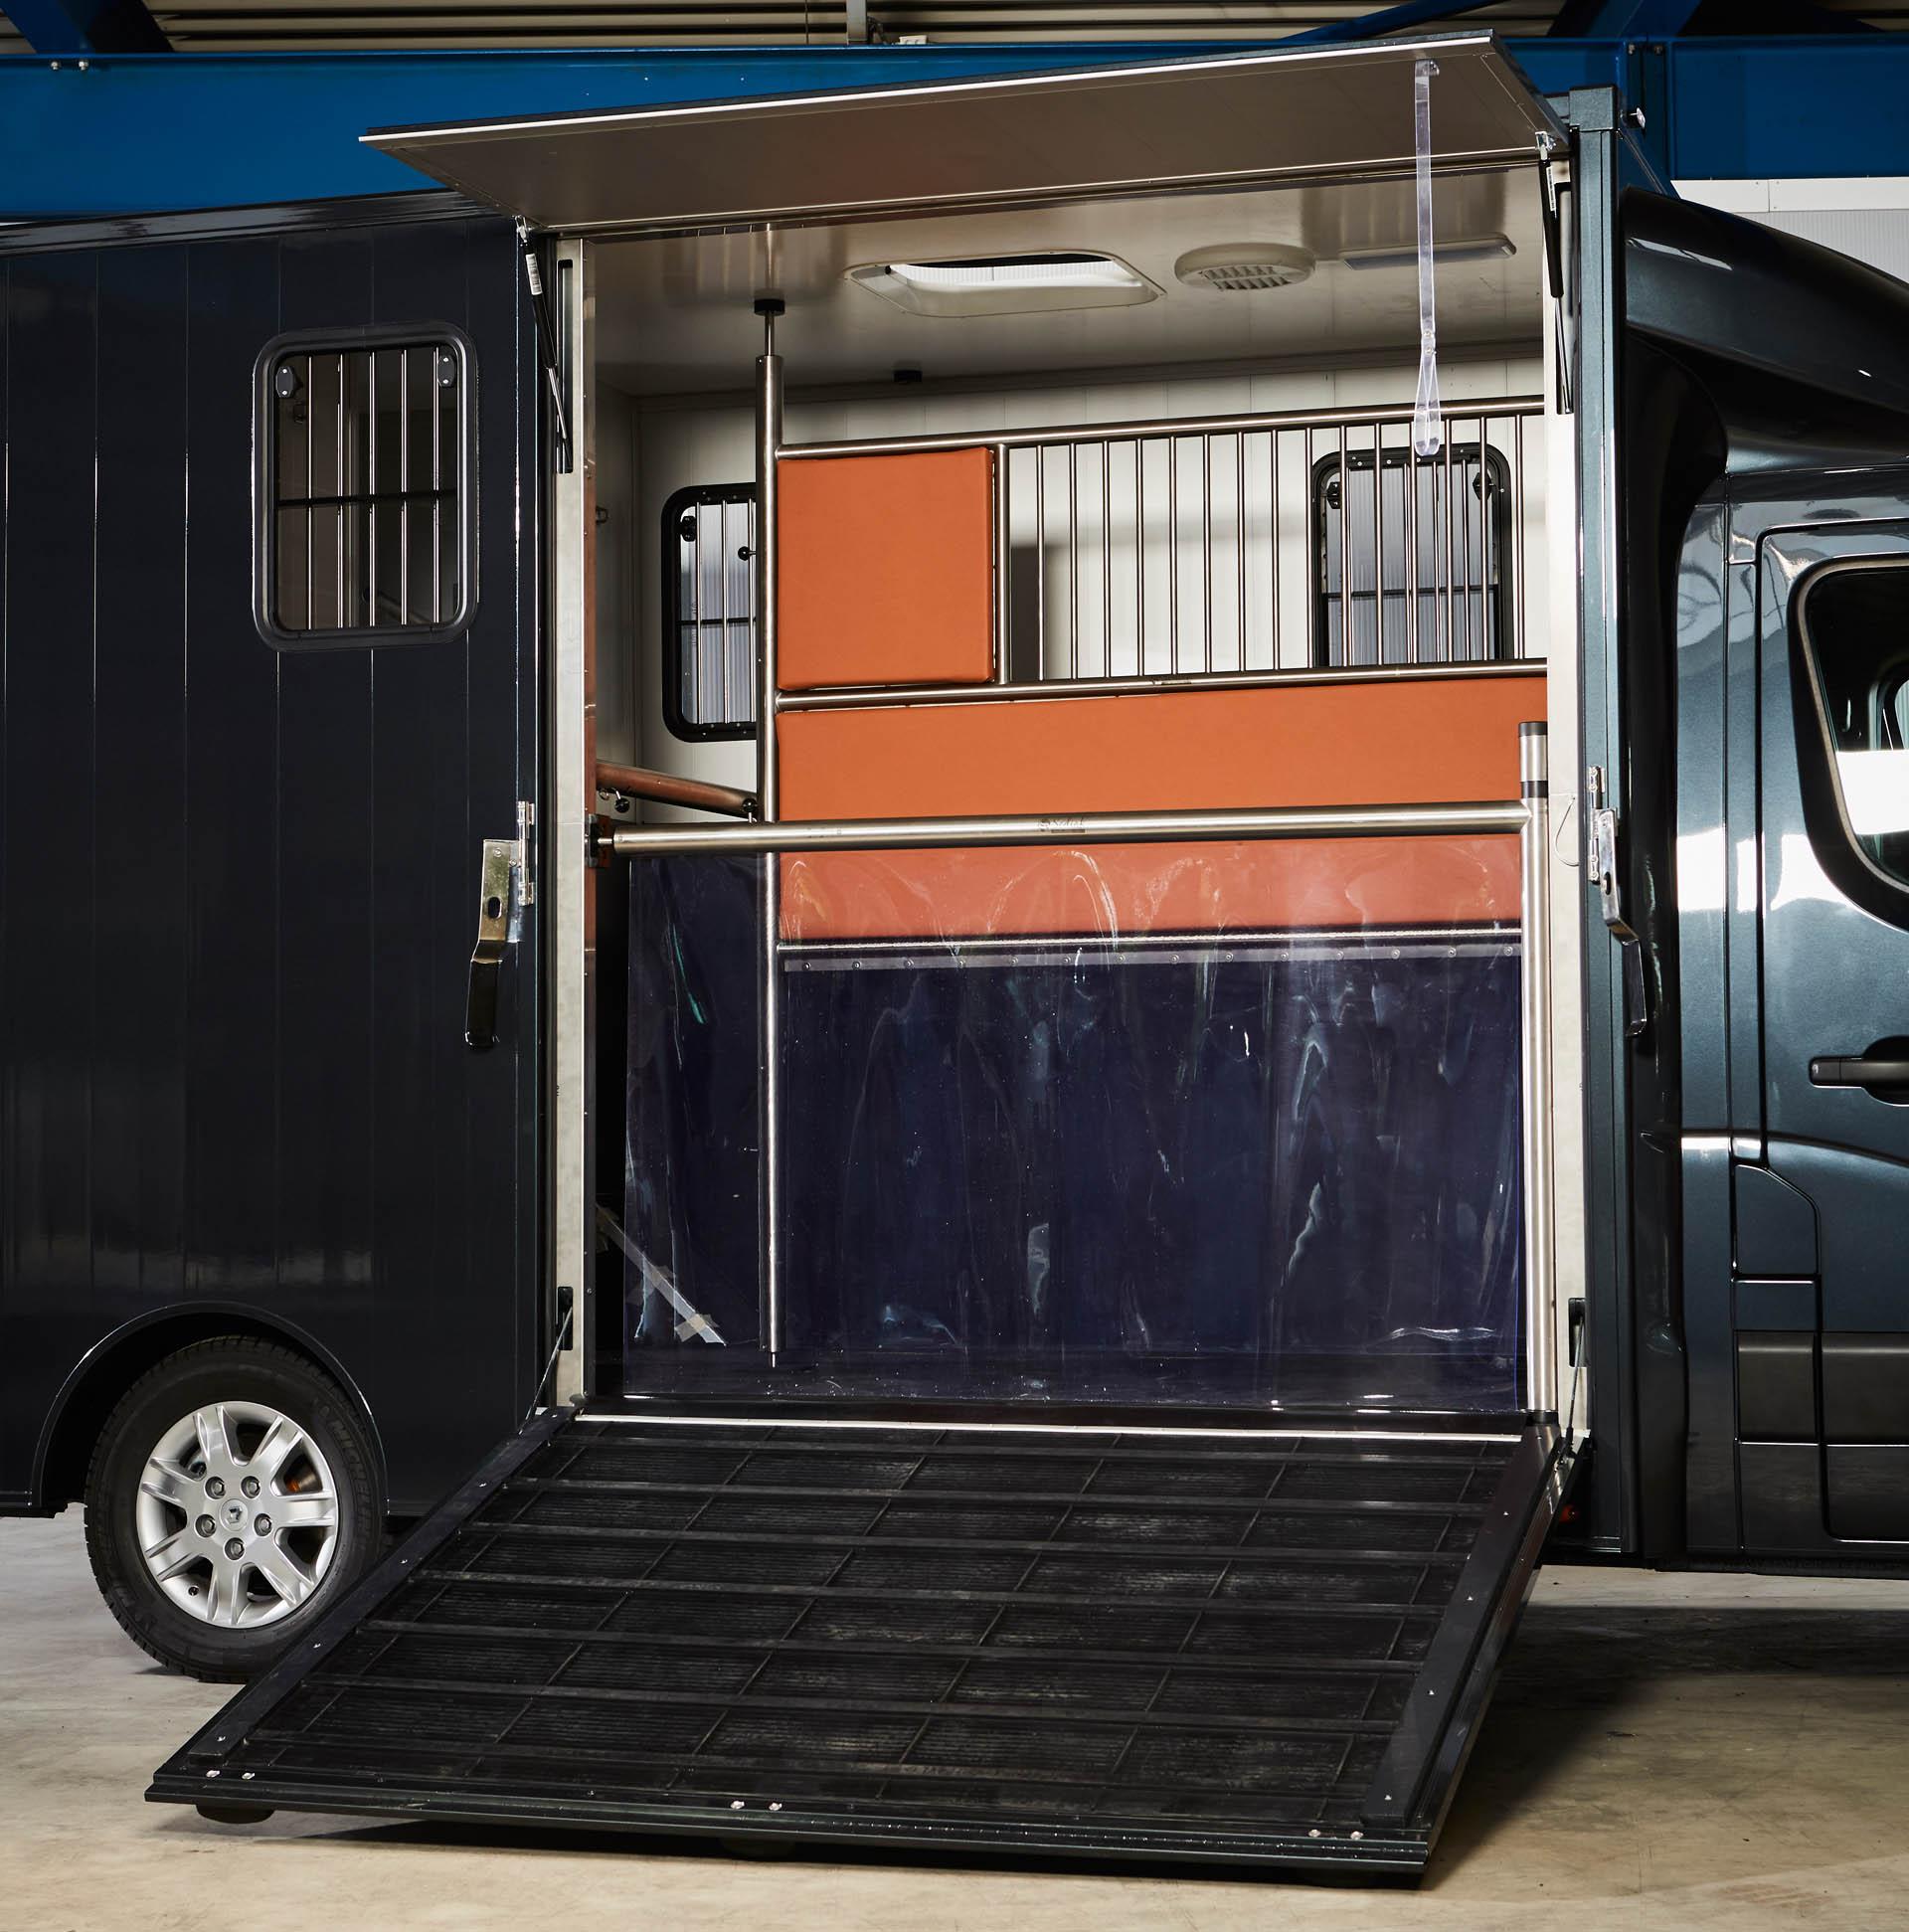 paardenvrachtwagen renault master sodiak voor rijbewijs B hengstenschot zijklep met oplooprubber